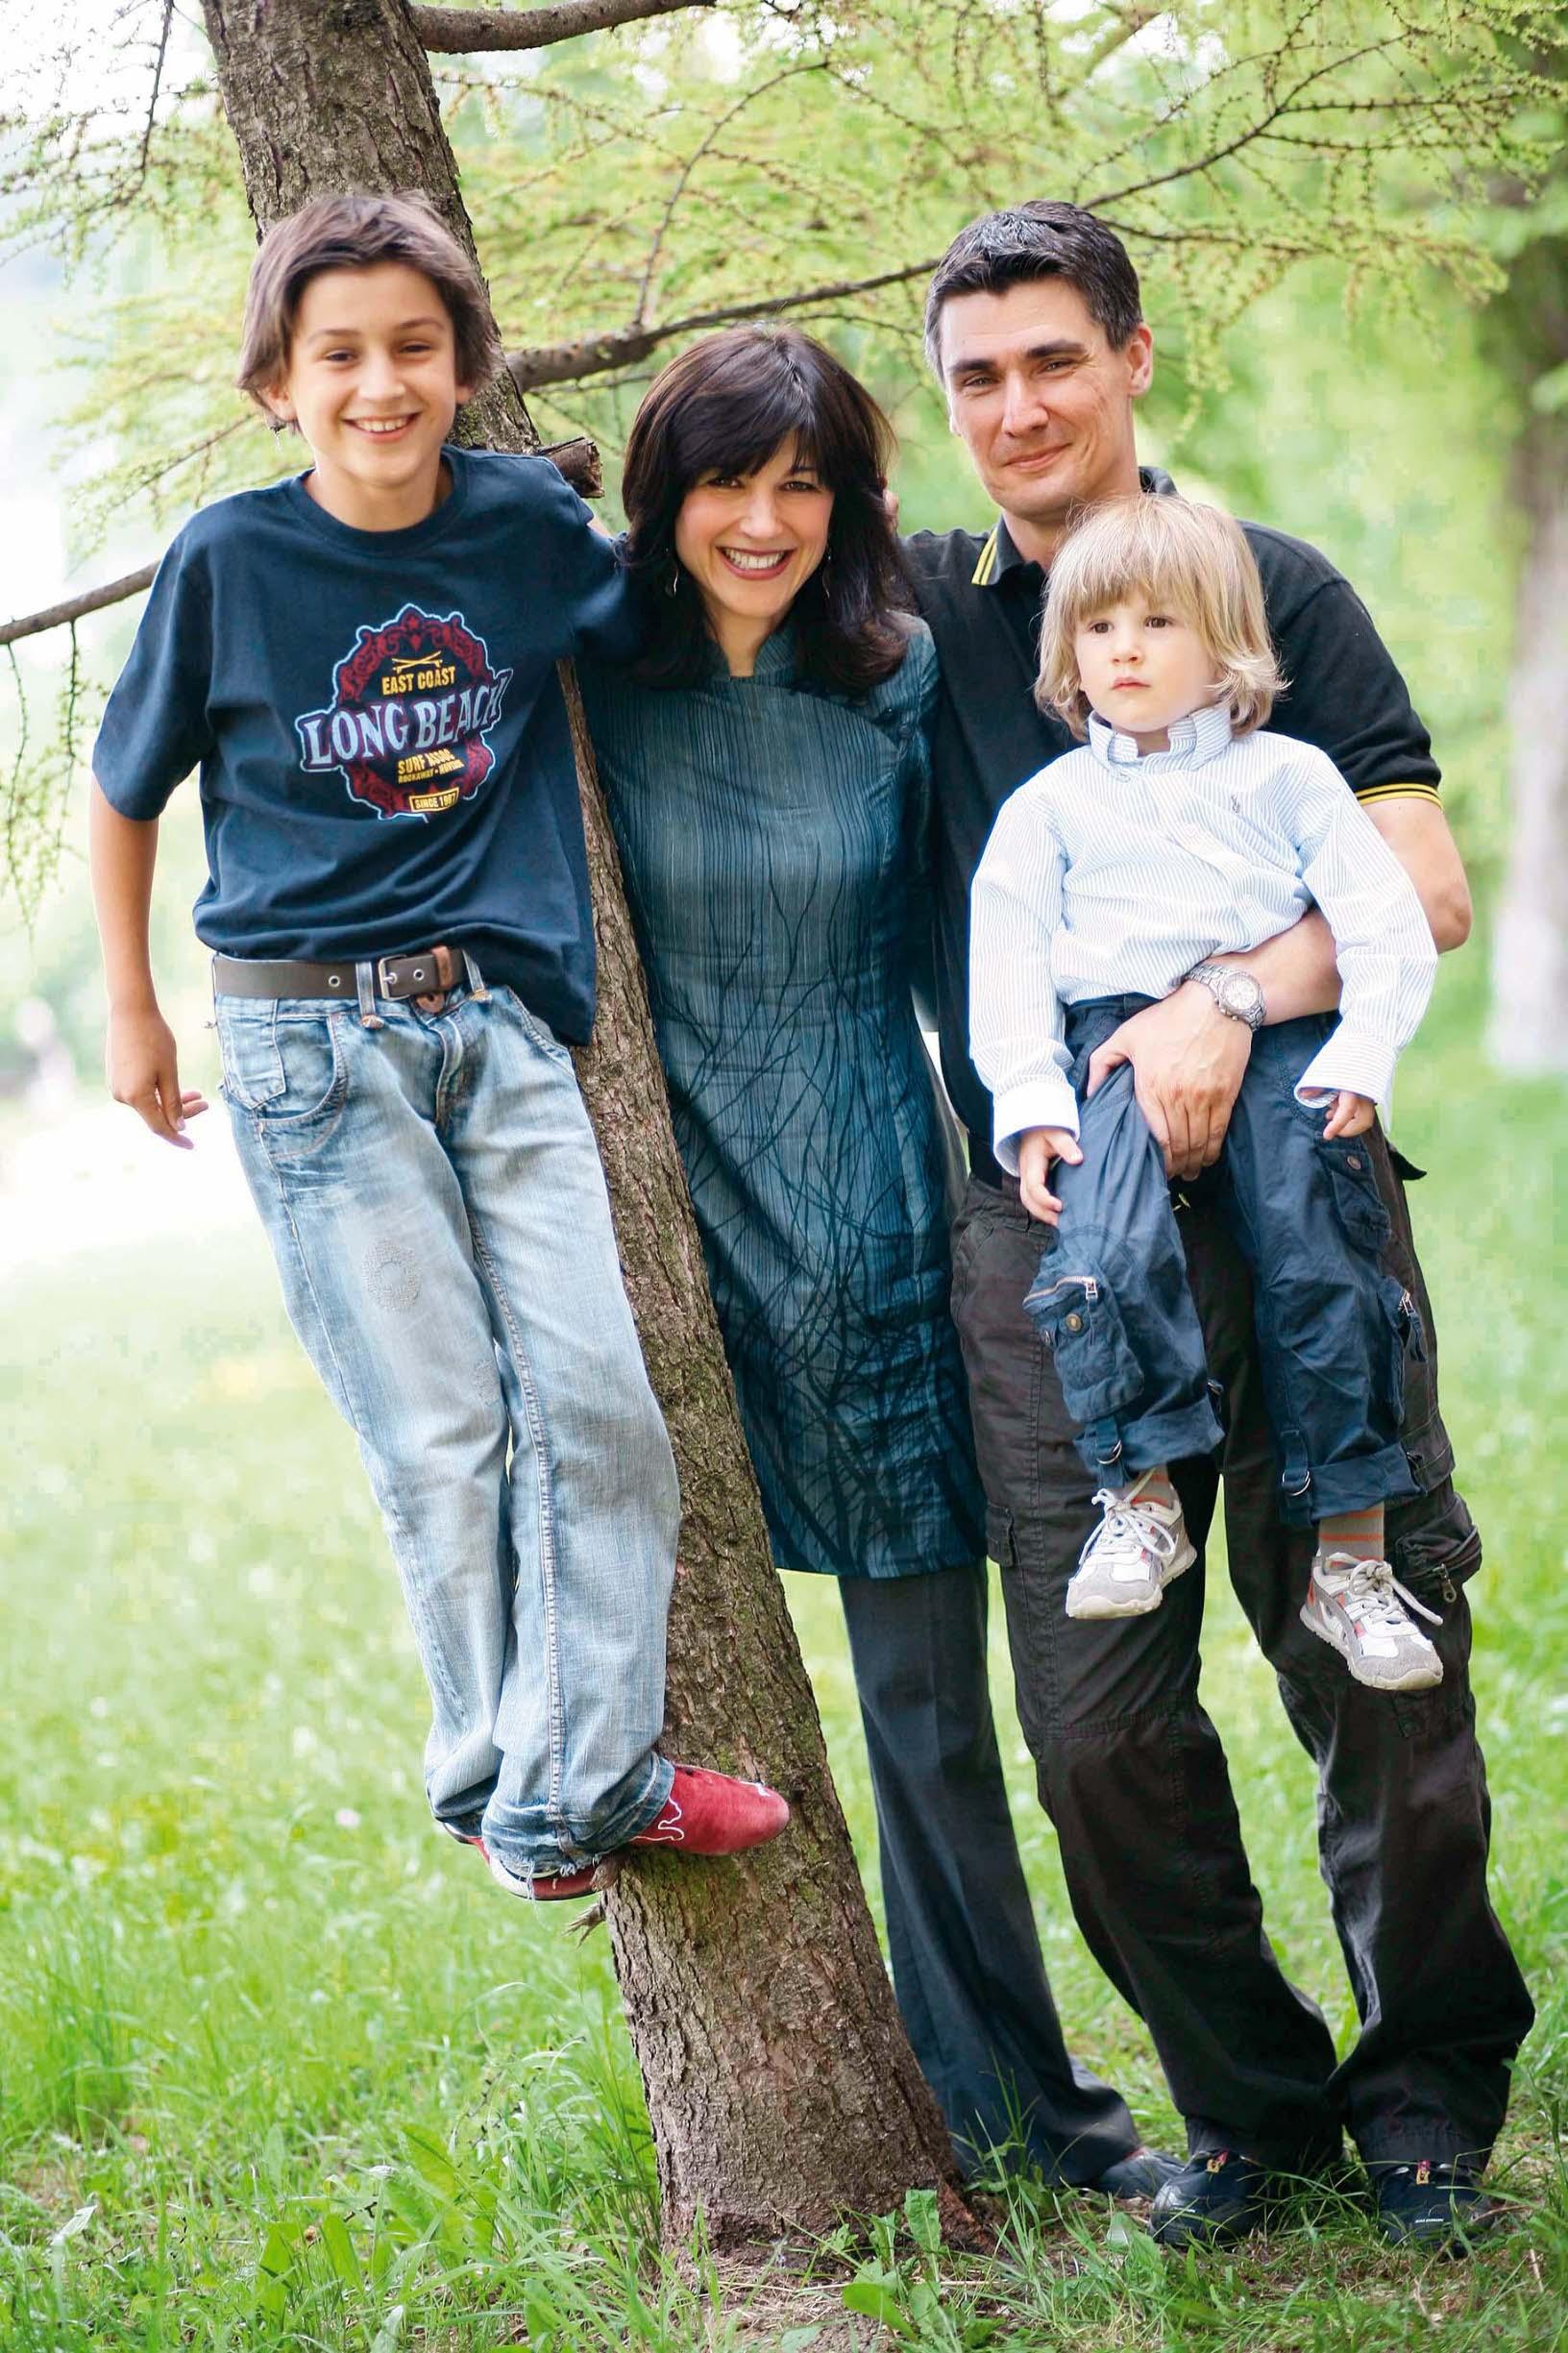 zagreb 13.05.2007. zoran milanovic, sa suprugom sanja, sin marko i ante jakov foto vedran peteh